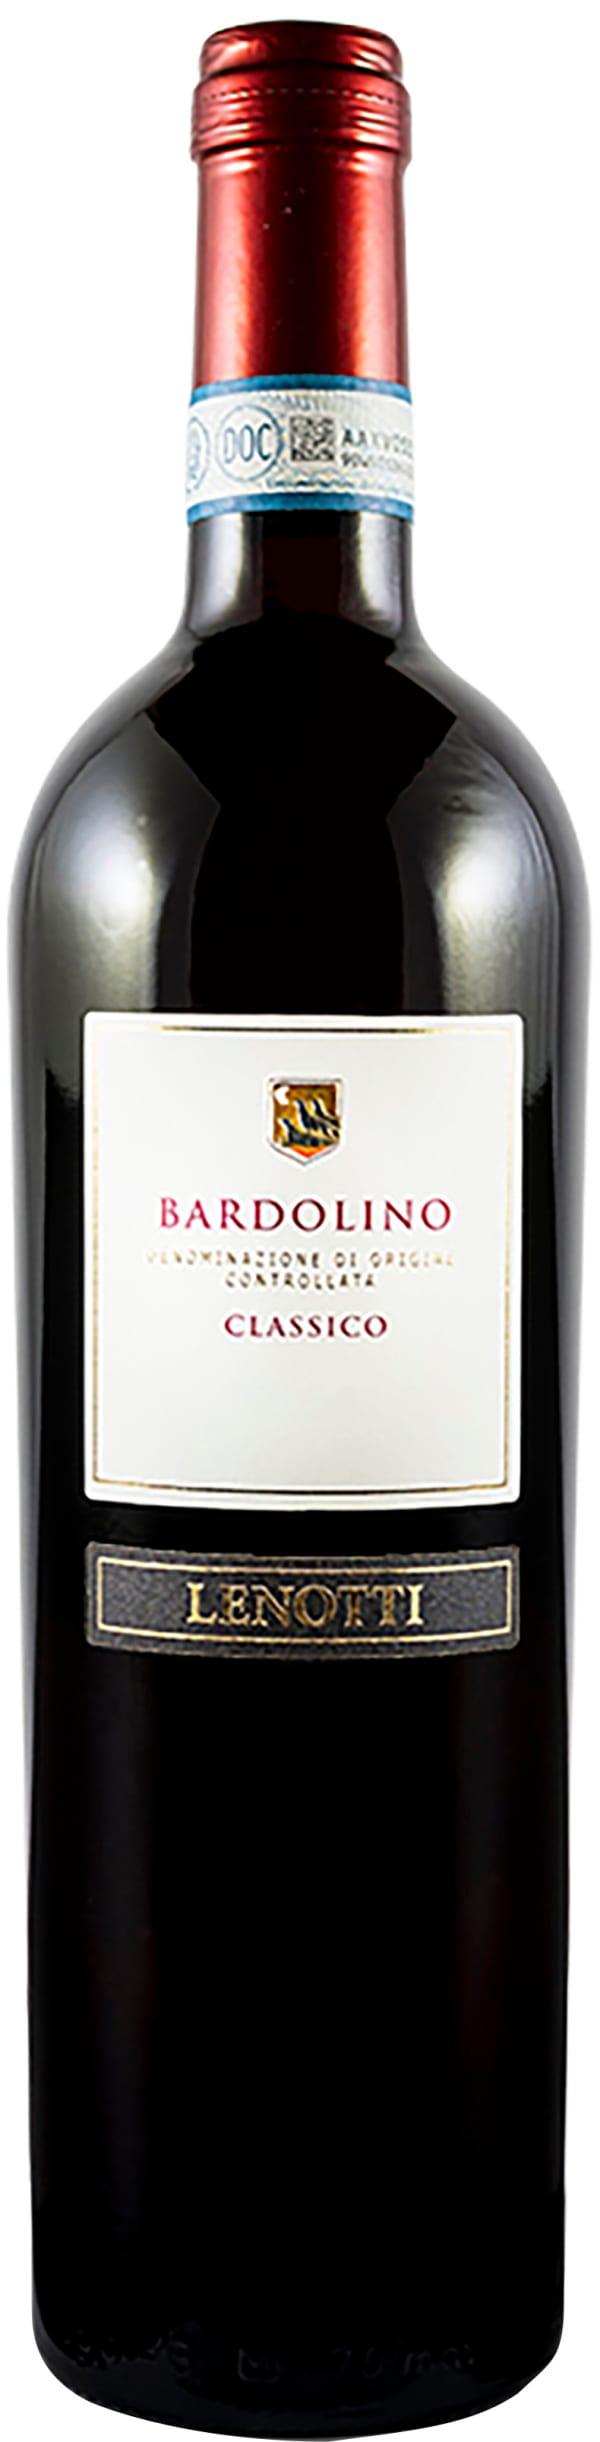 Lenotti Bardolino Classico 2017